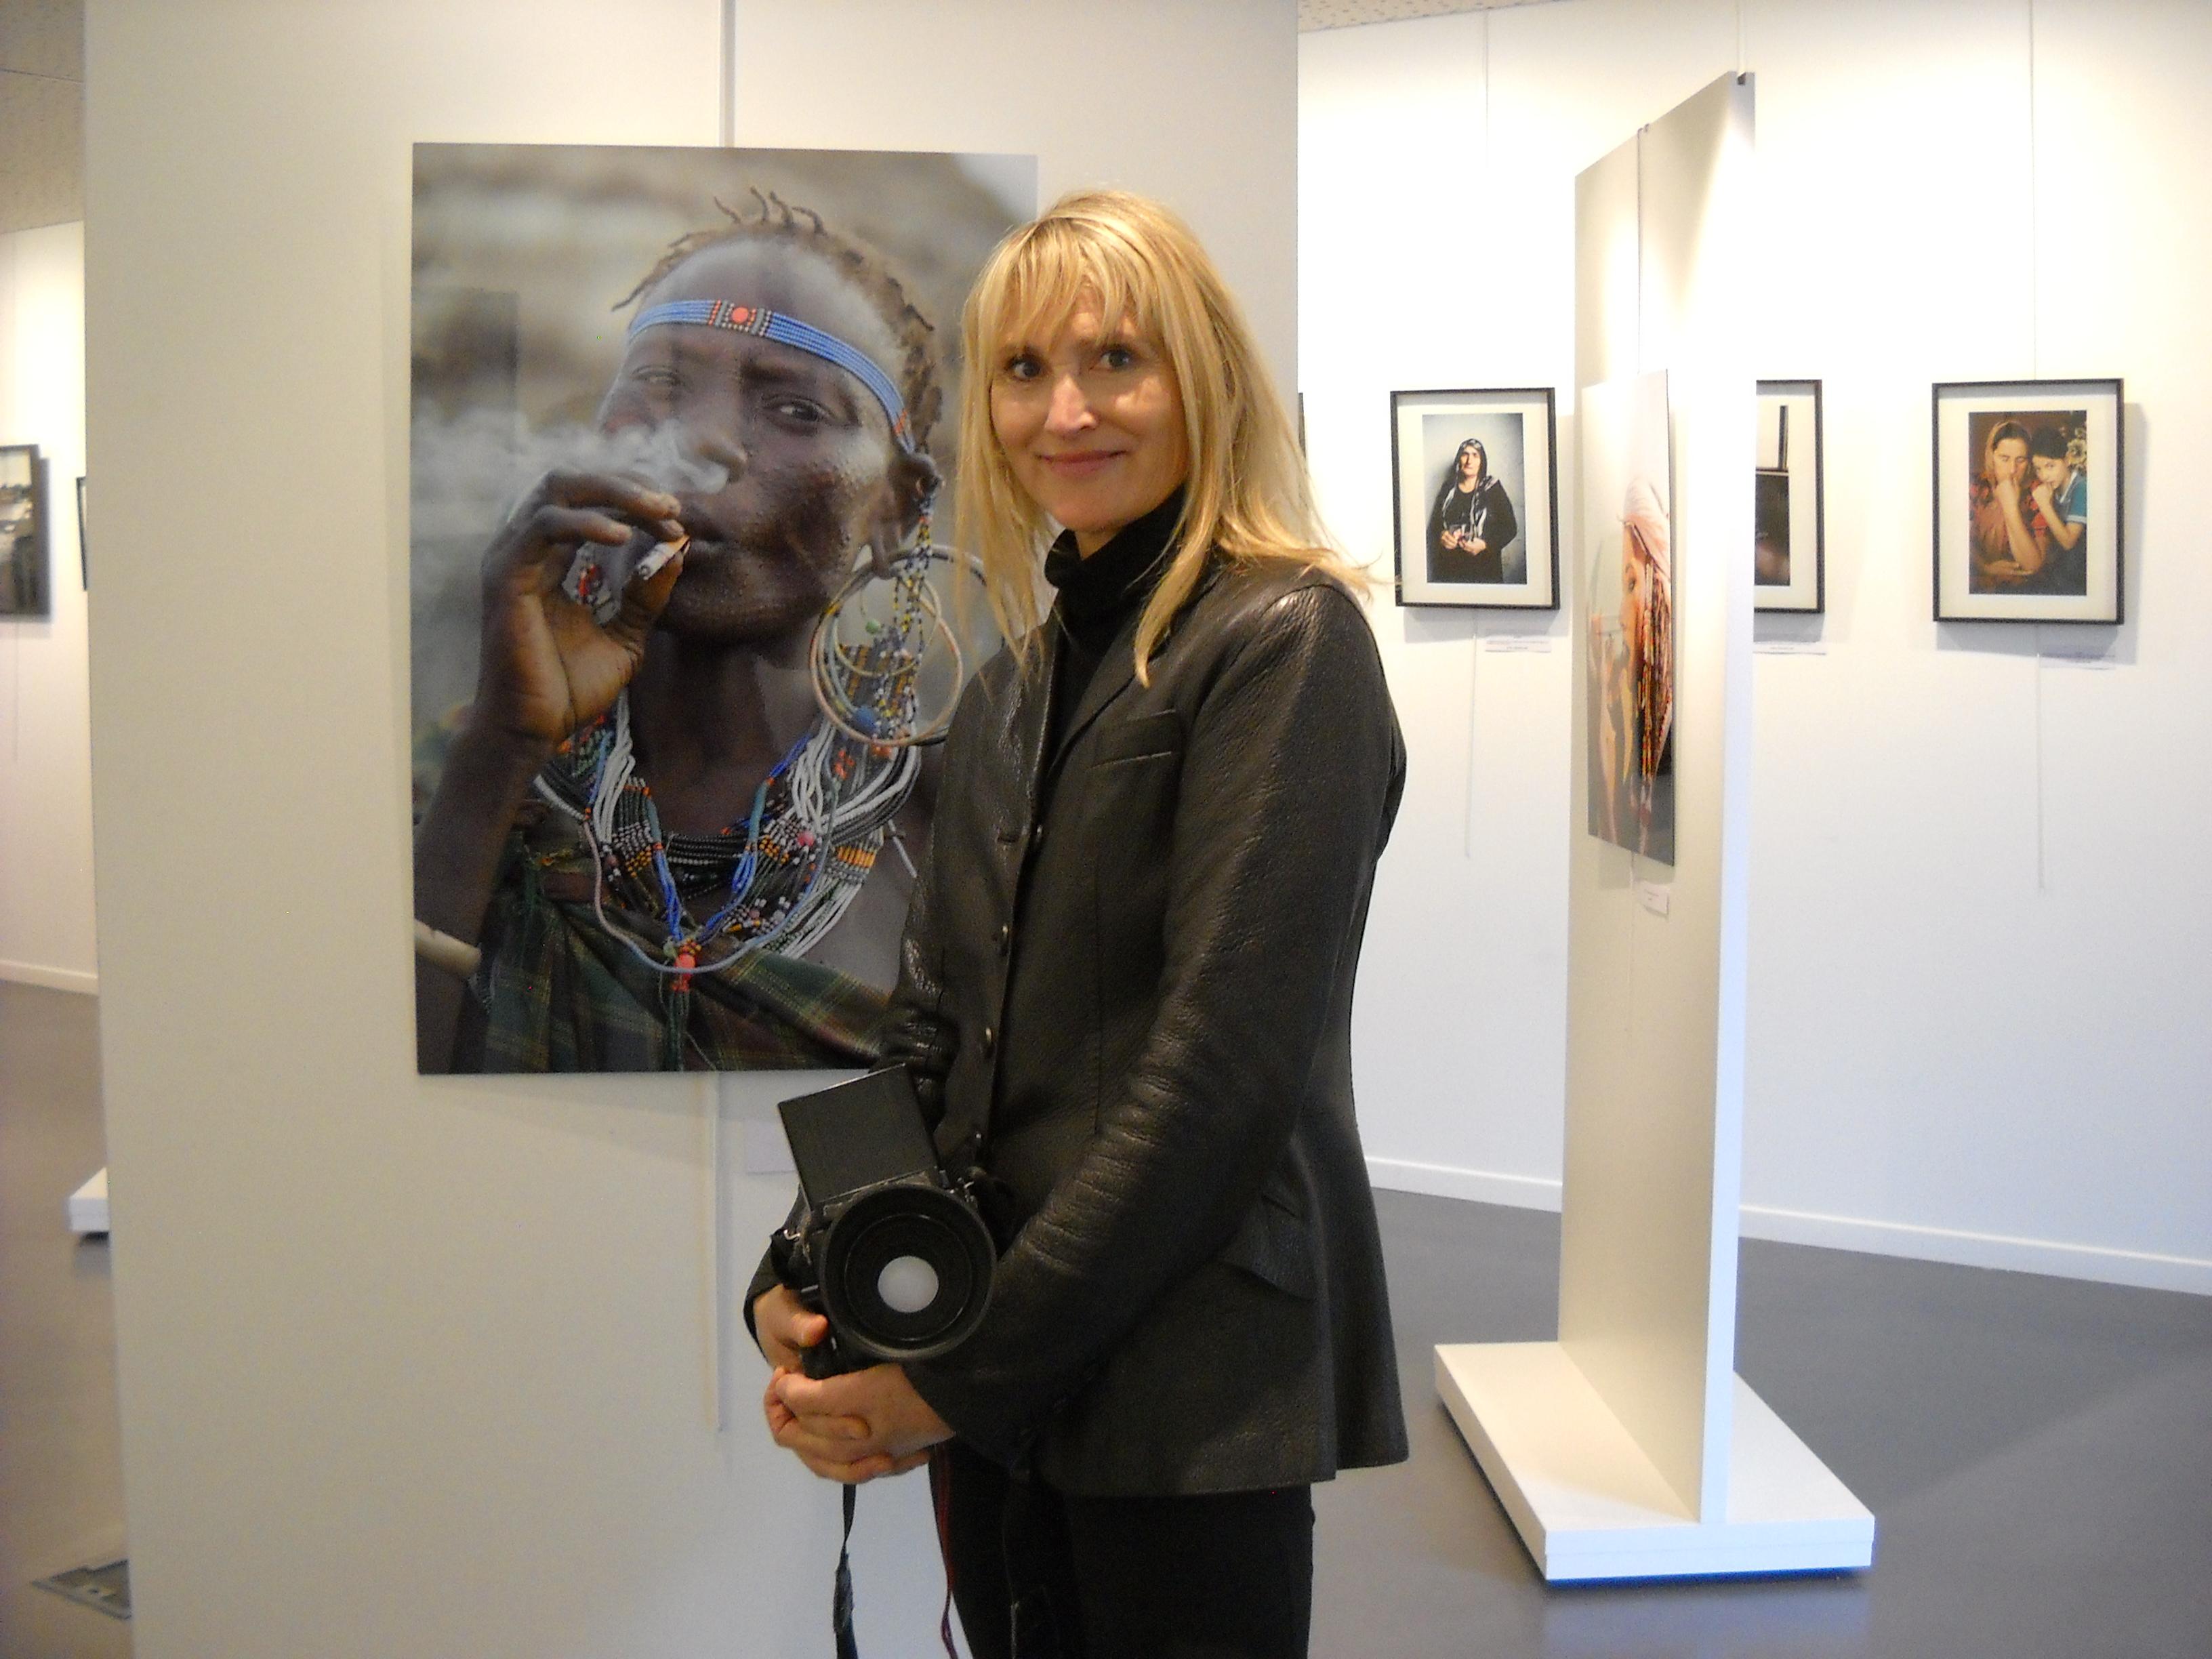 d'incroyables photos sont exposées à Sisteron